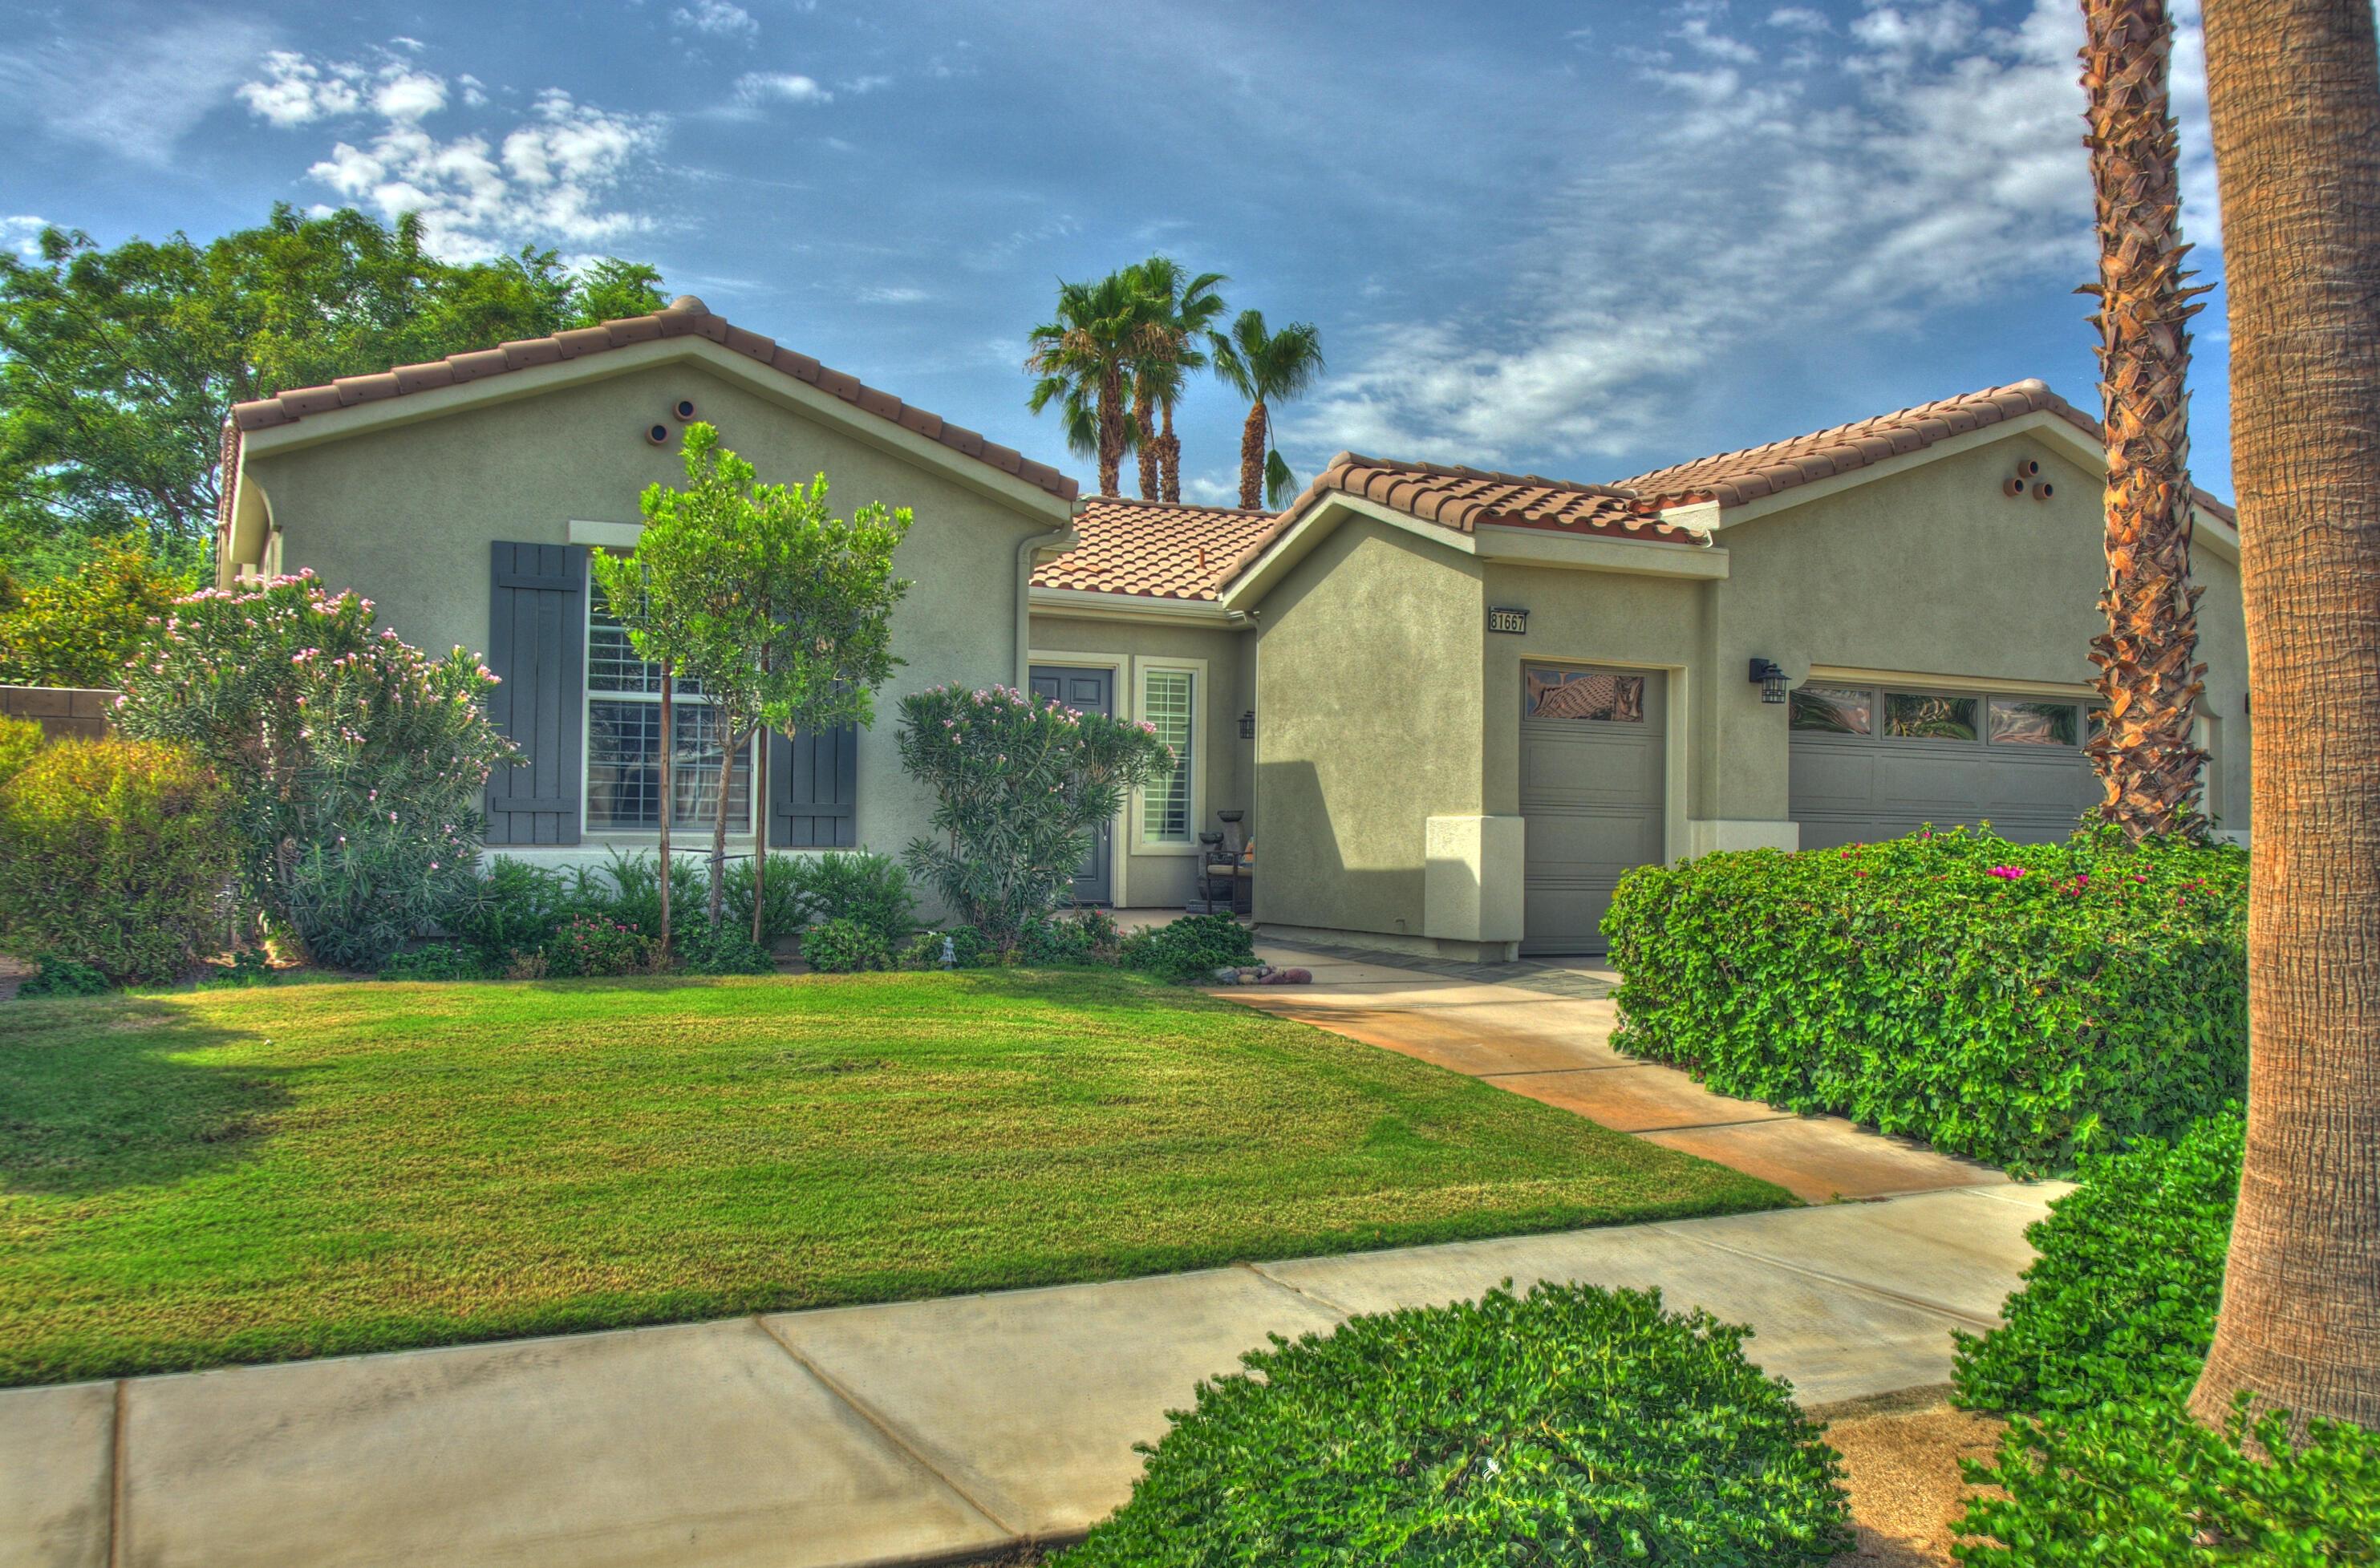 Photo of 81667 Prism Drive, La Quinta, CA 92253